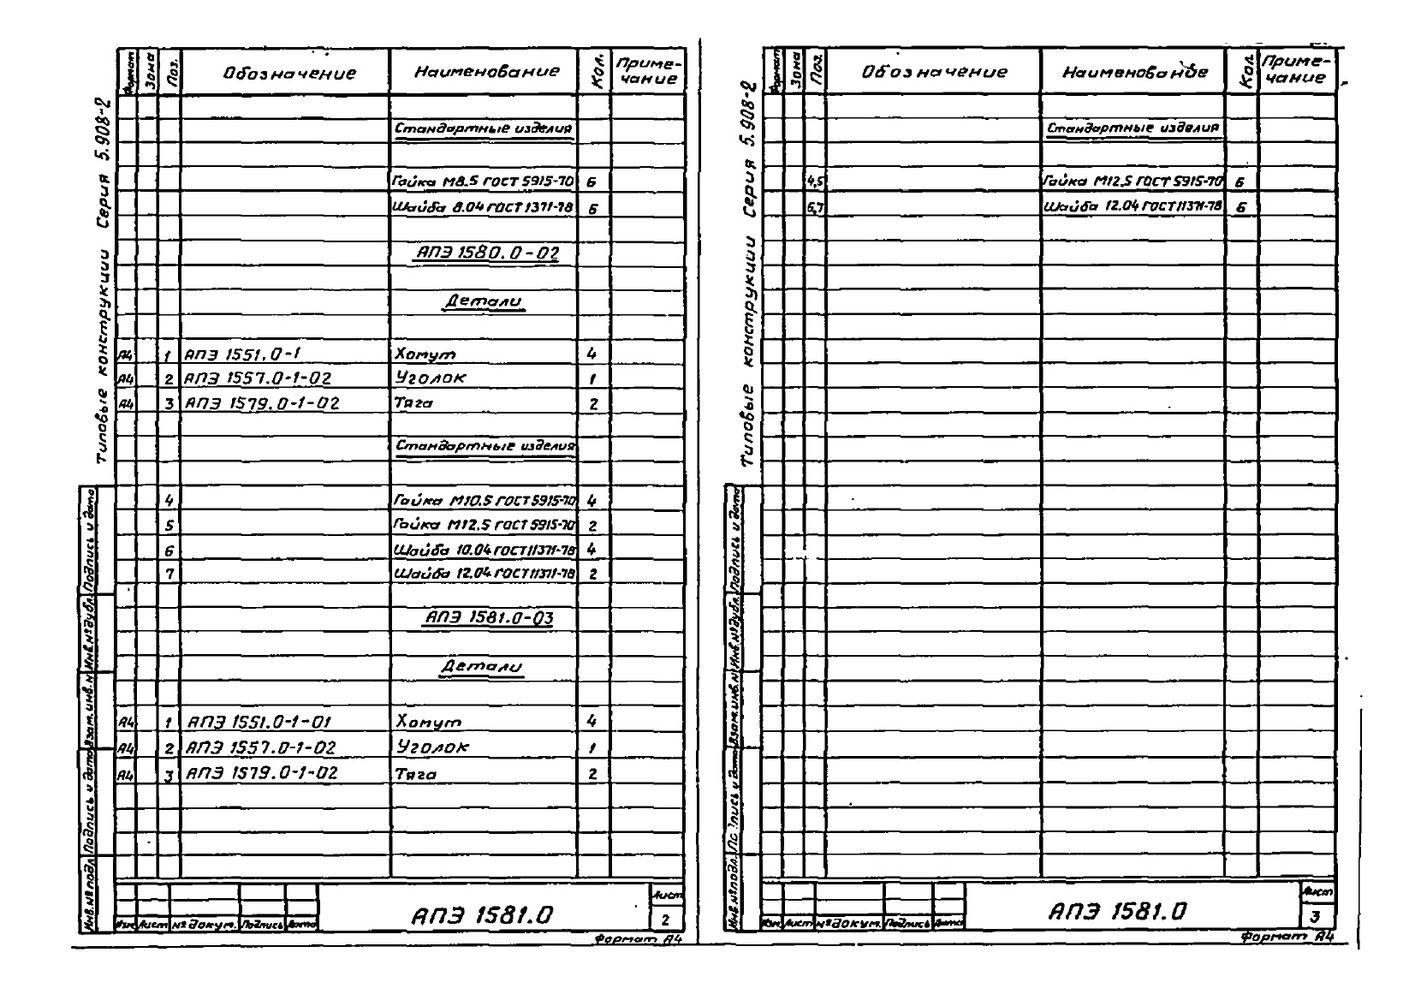 Подвеска АПЭ 1581.0 серия 5.908-2 стр.3